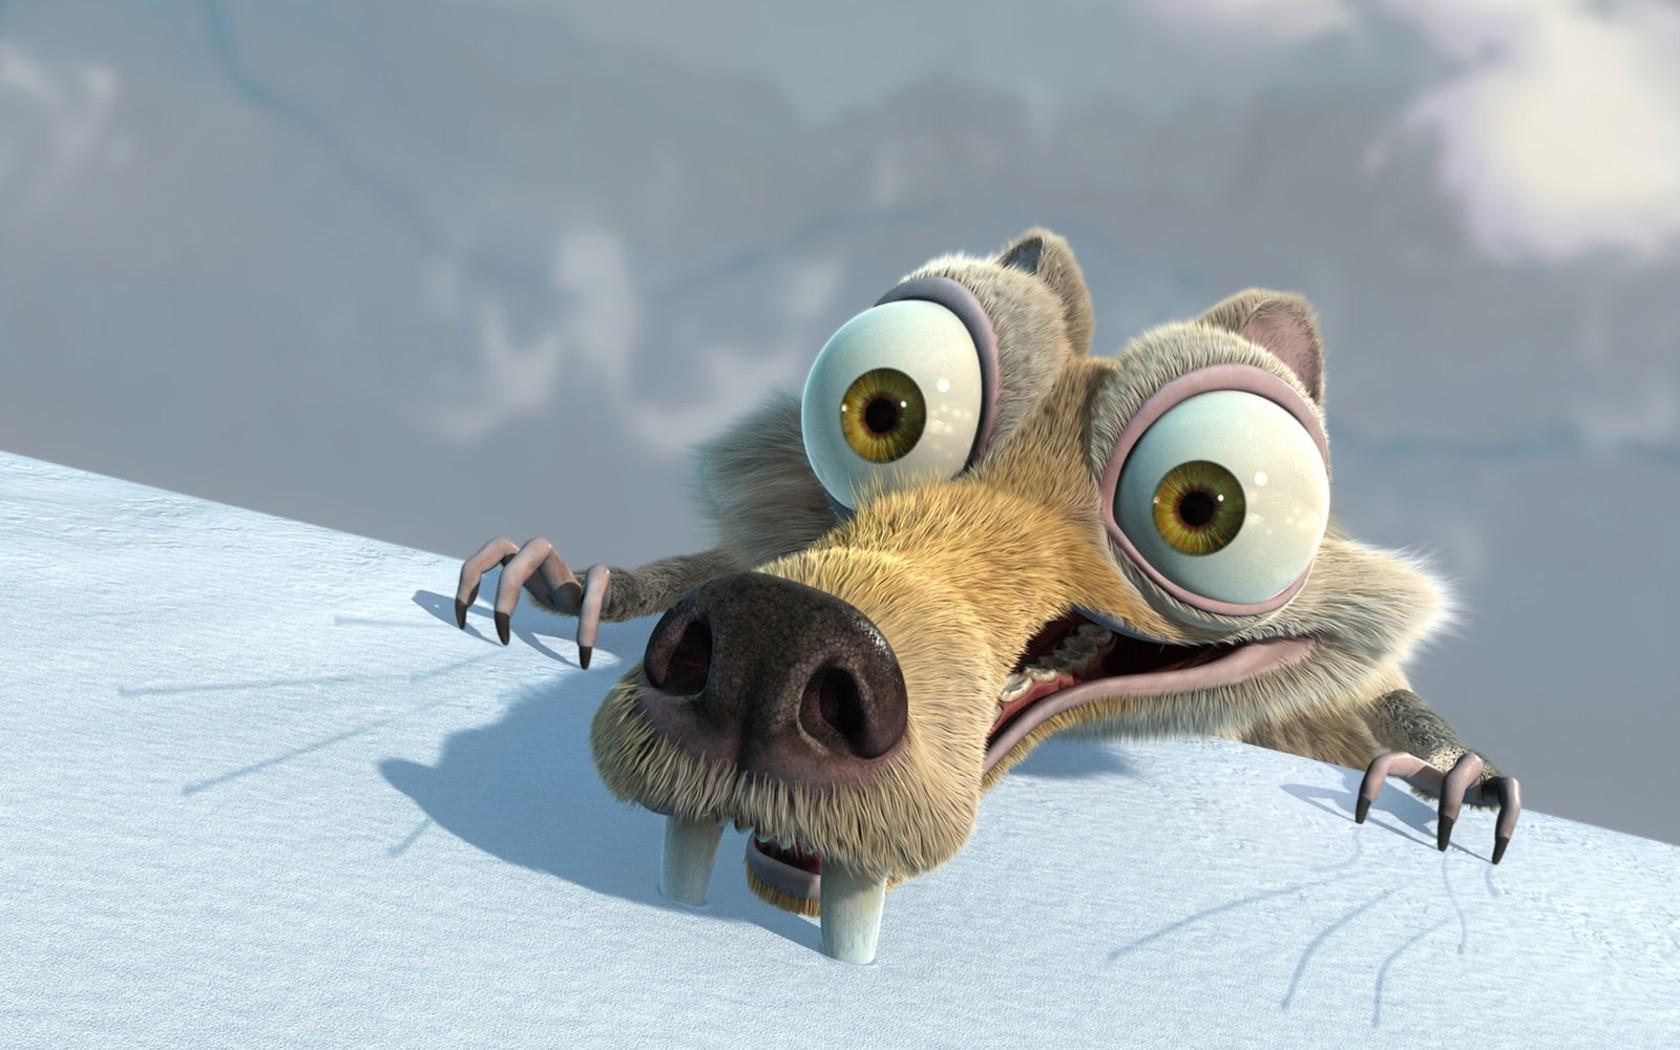 Картинка из фильма белка ледниковый